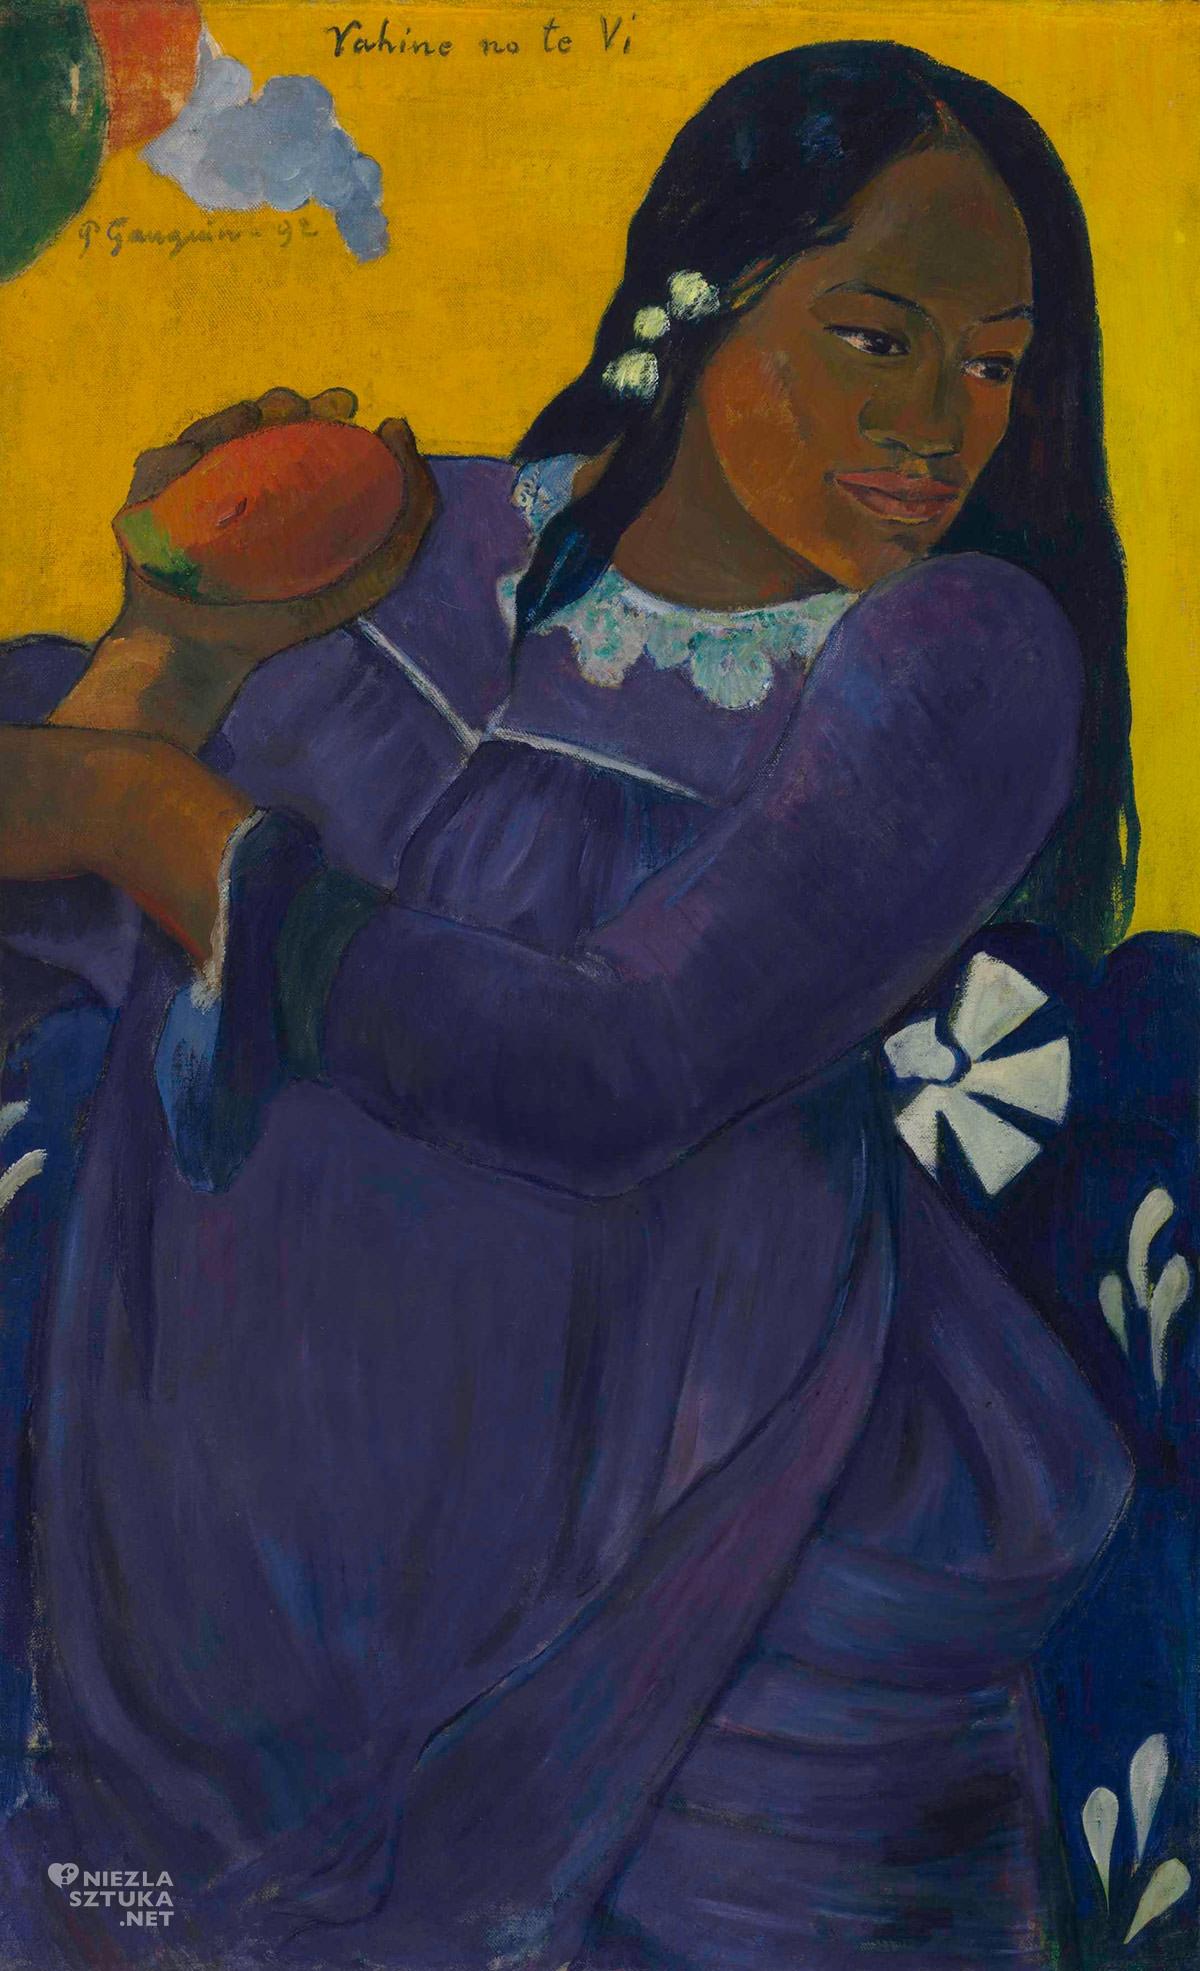 Paul Gauguin, Kobieta z mango, Vahine No Te Vi, Tehura, Tehamana, Niezła sztuka